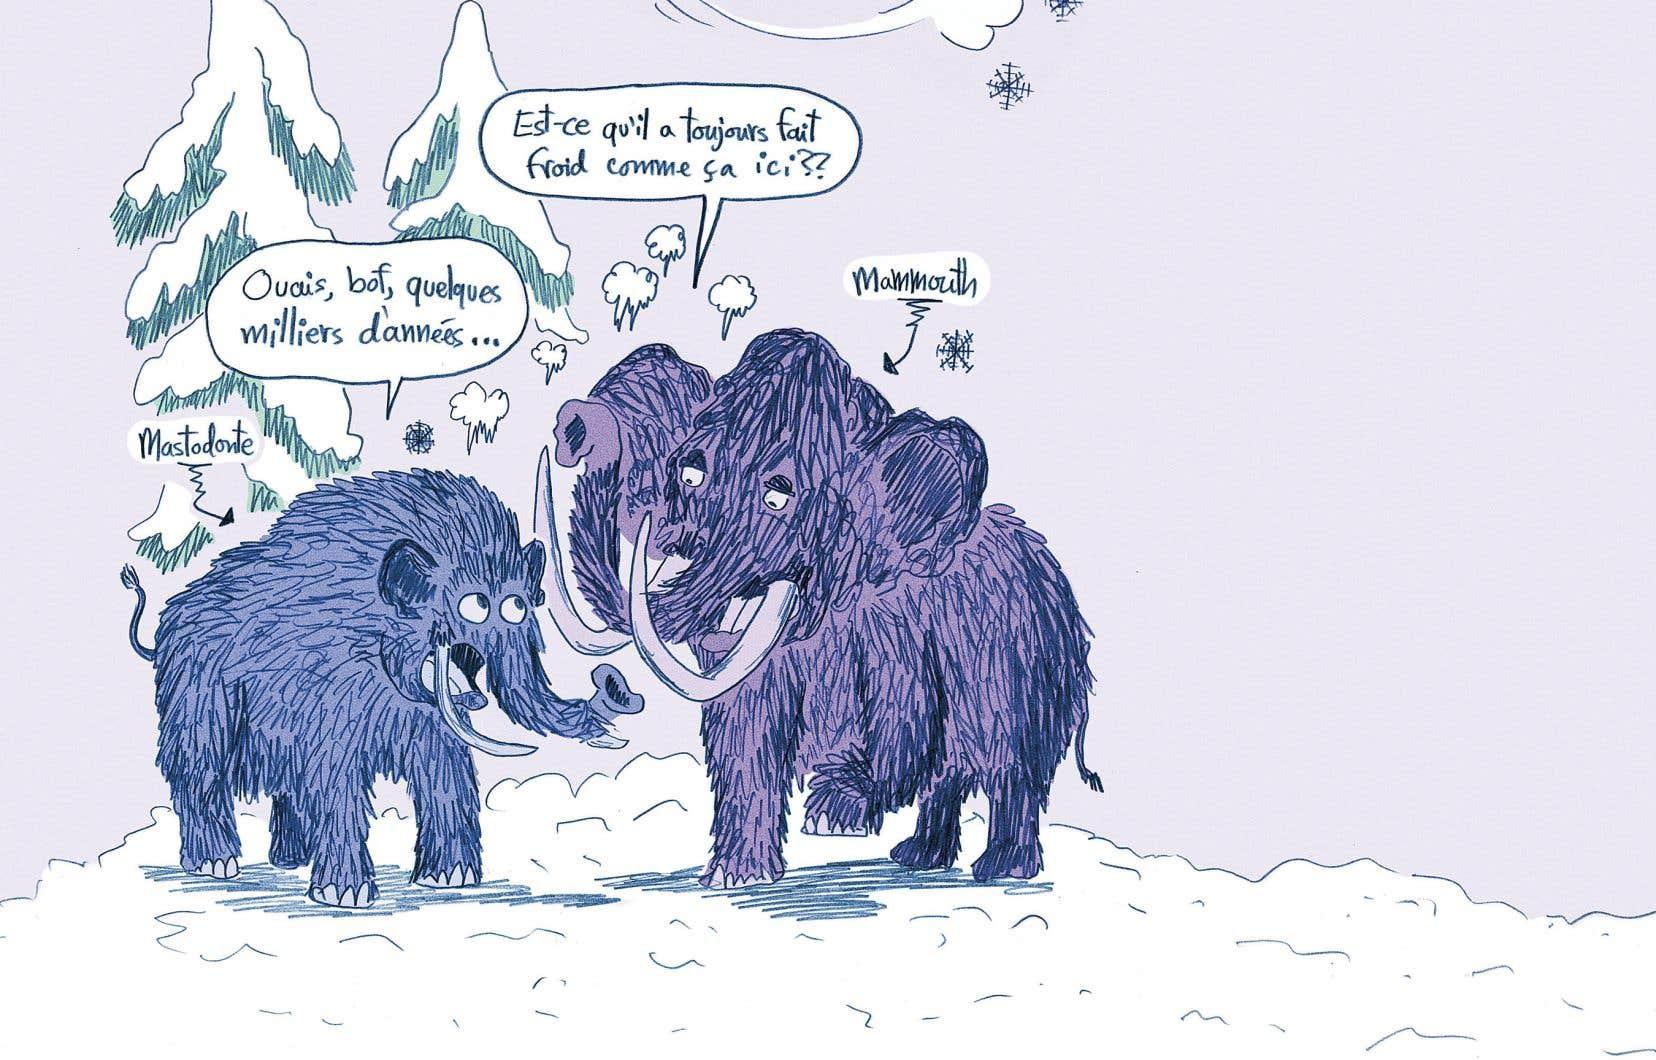 Des bestioles étranges et moins connues de la période préhistorique ornent les pages du livre «La préhistoire du Québec» et donnent vie aux explications de l'auteur.